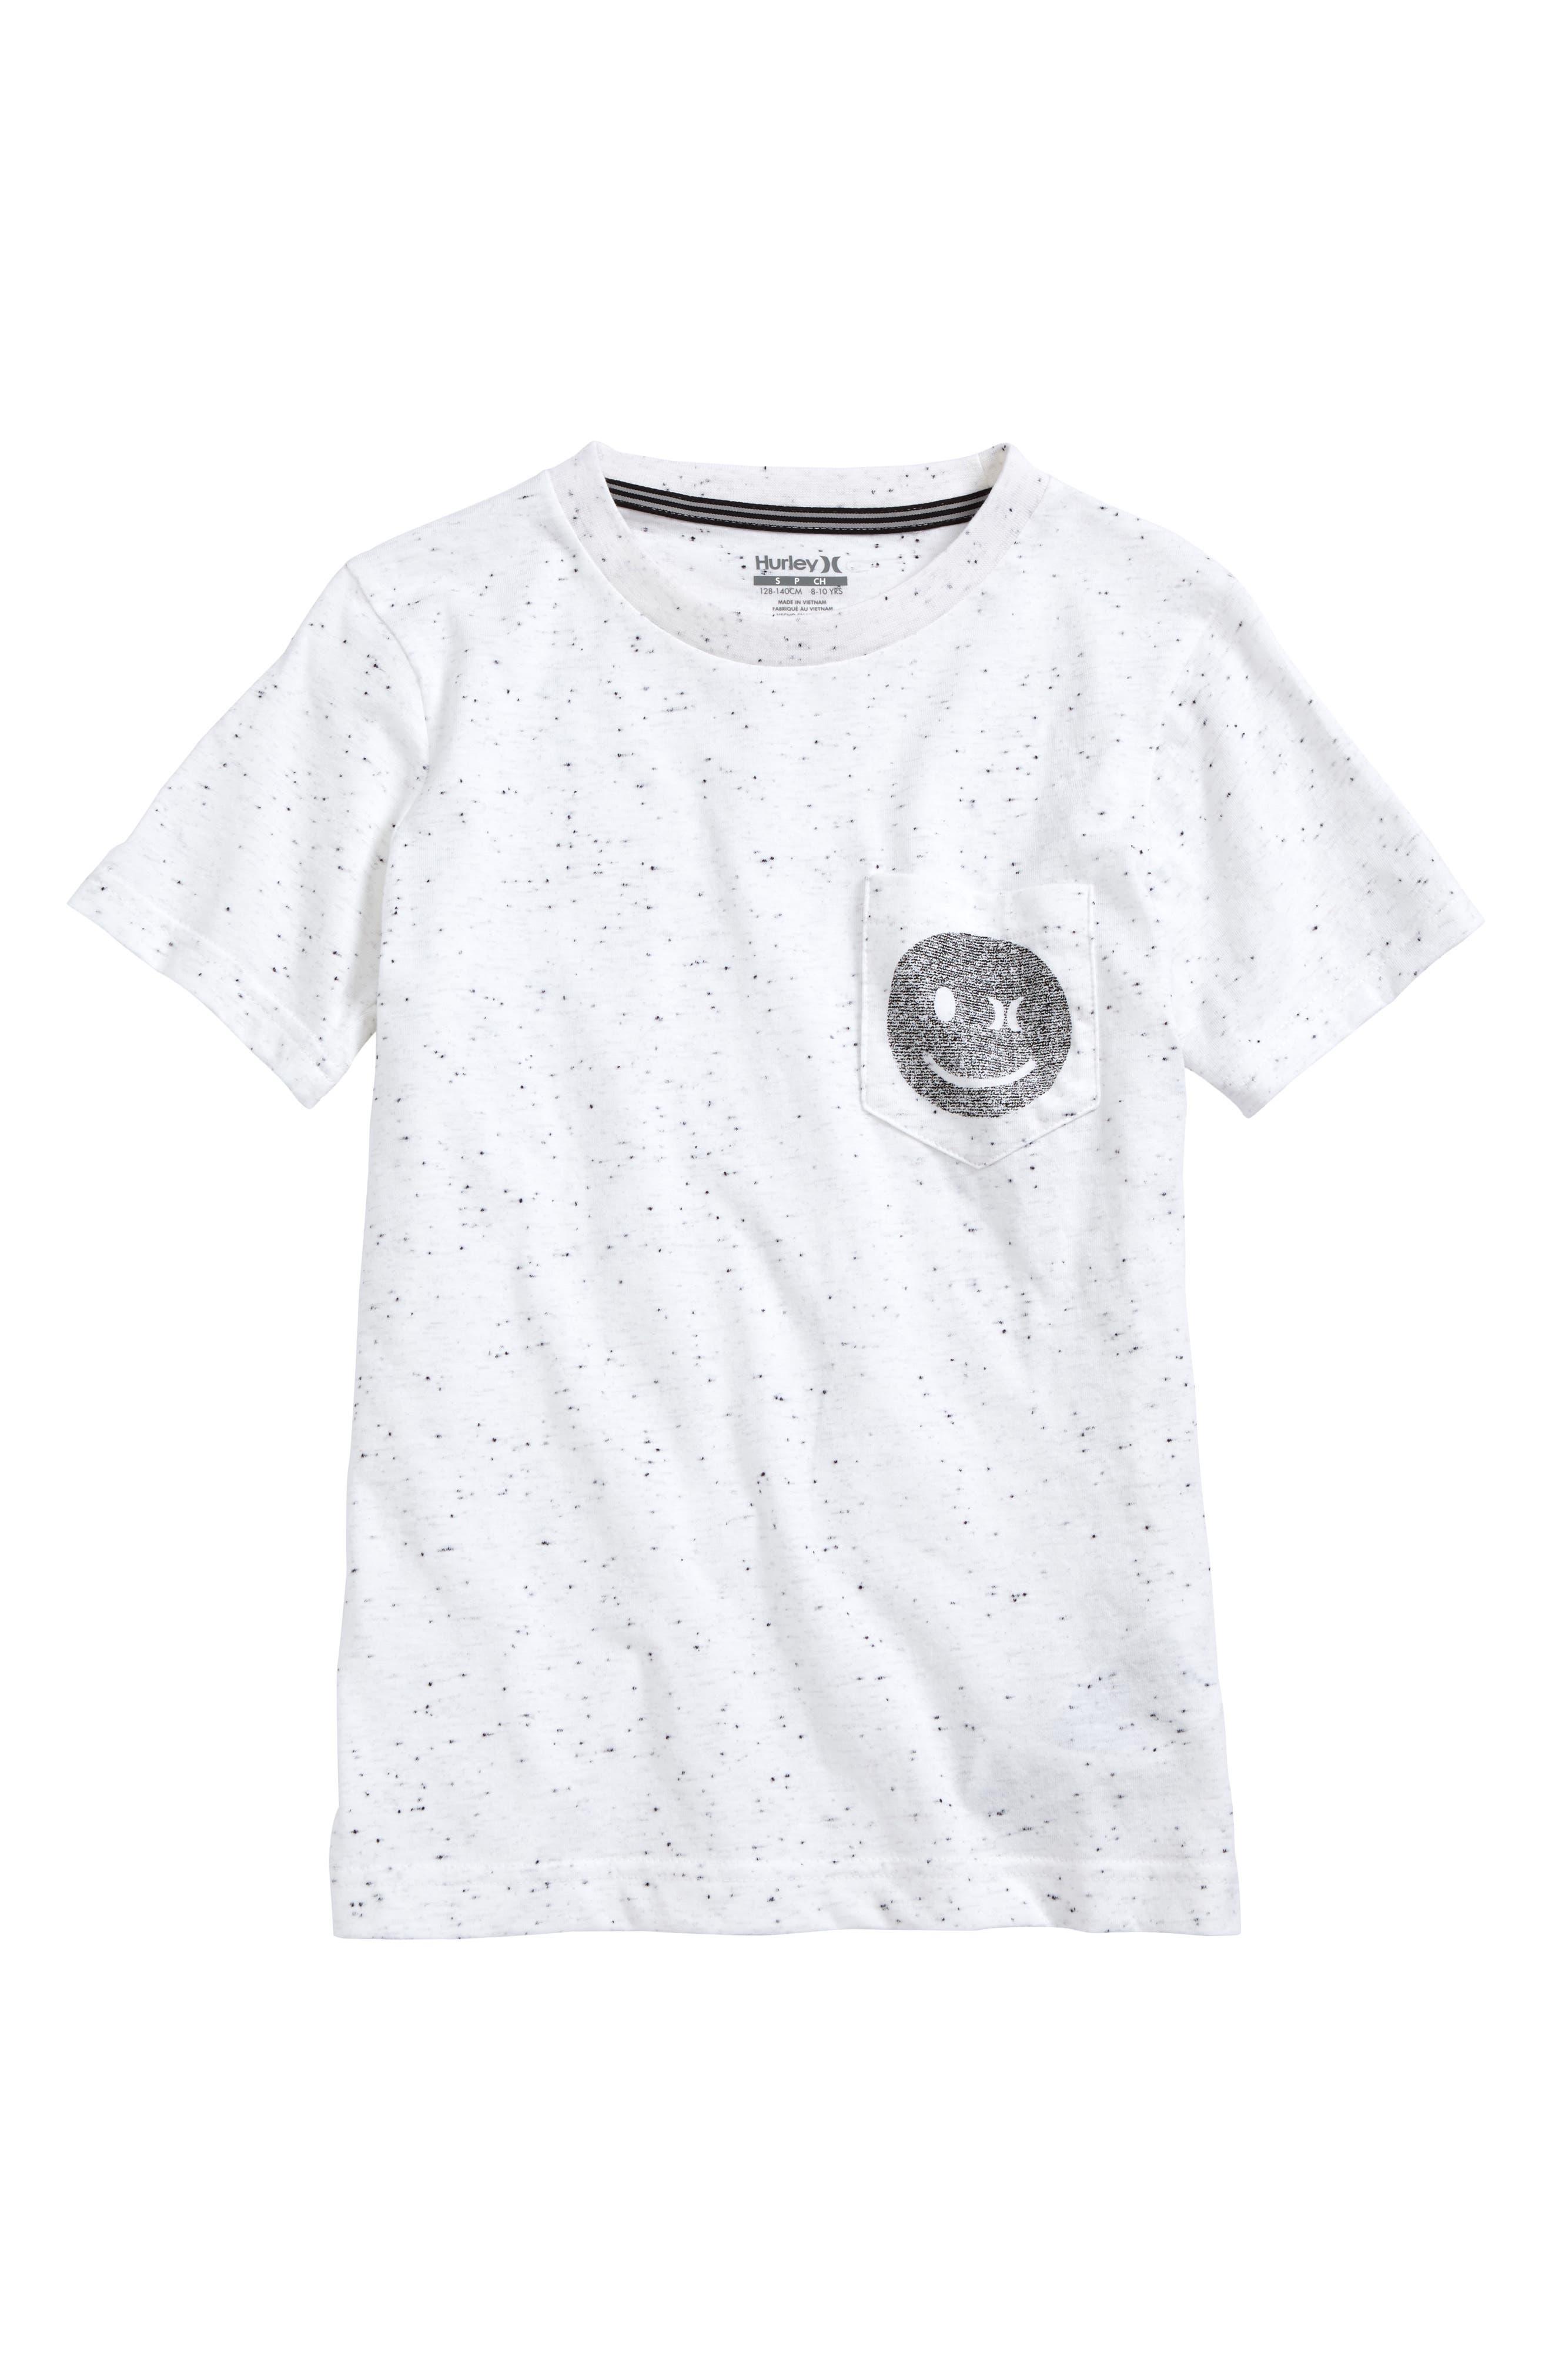 Say What Graphic Pocket T-Shirt,                             Main thumbnail 1, color,                             100